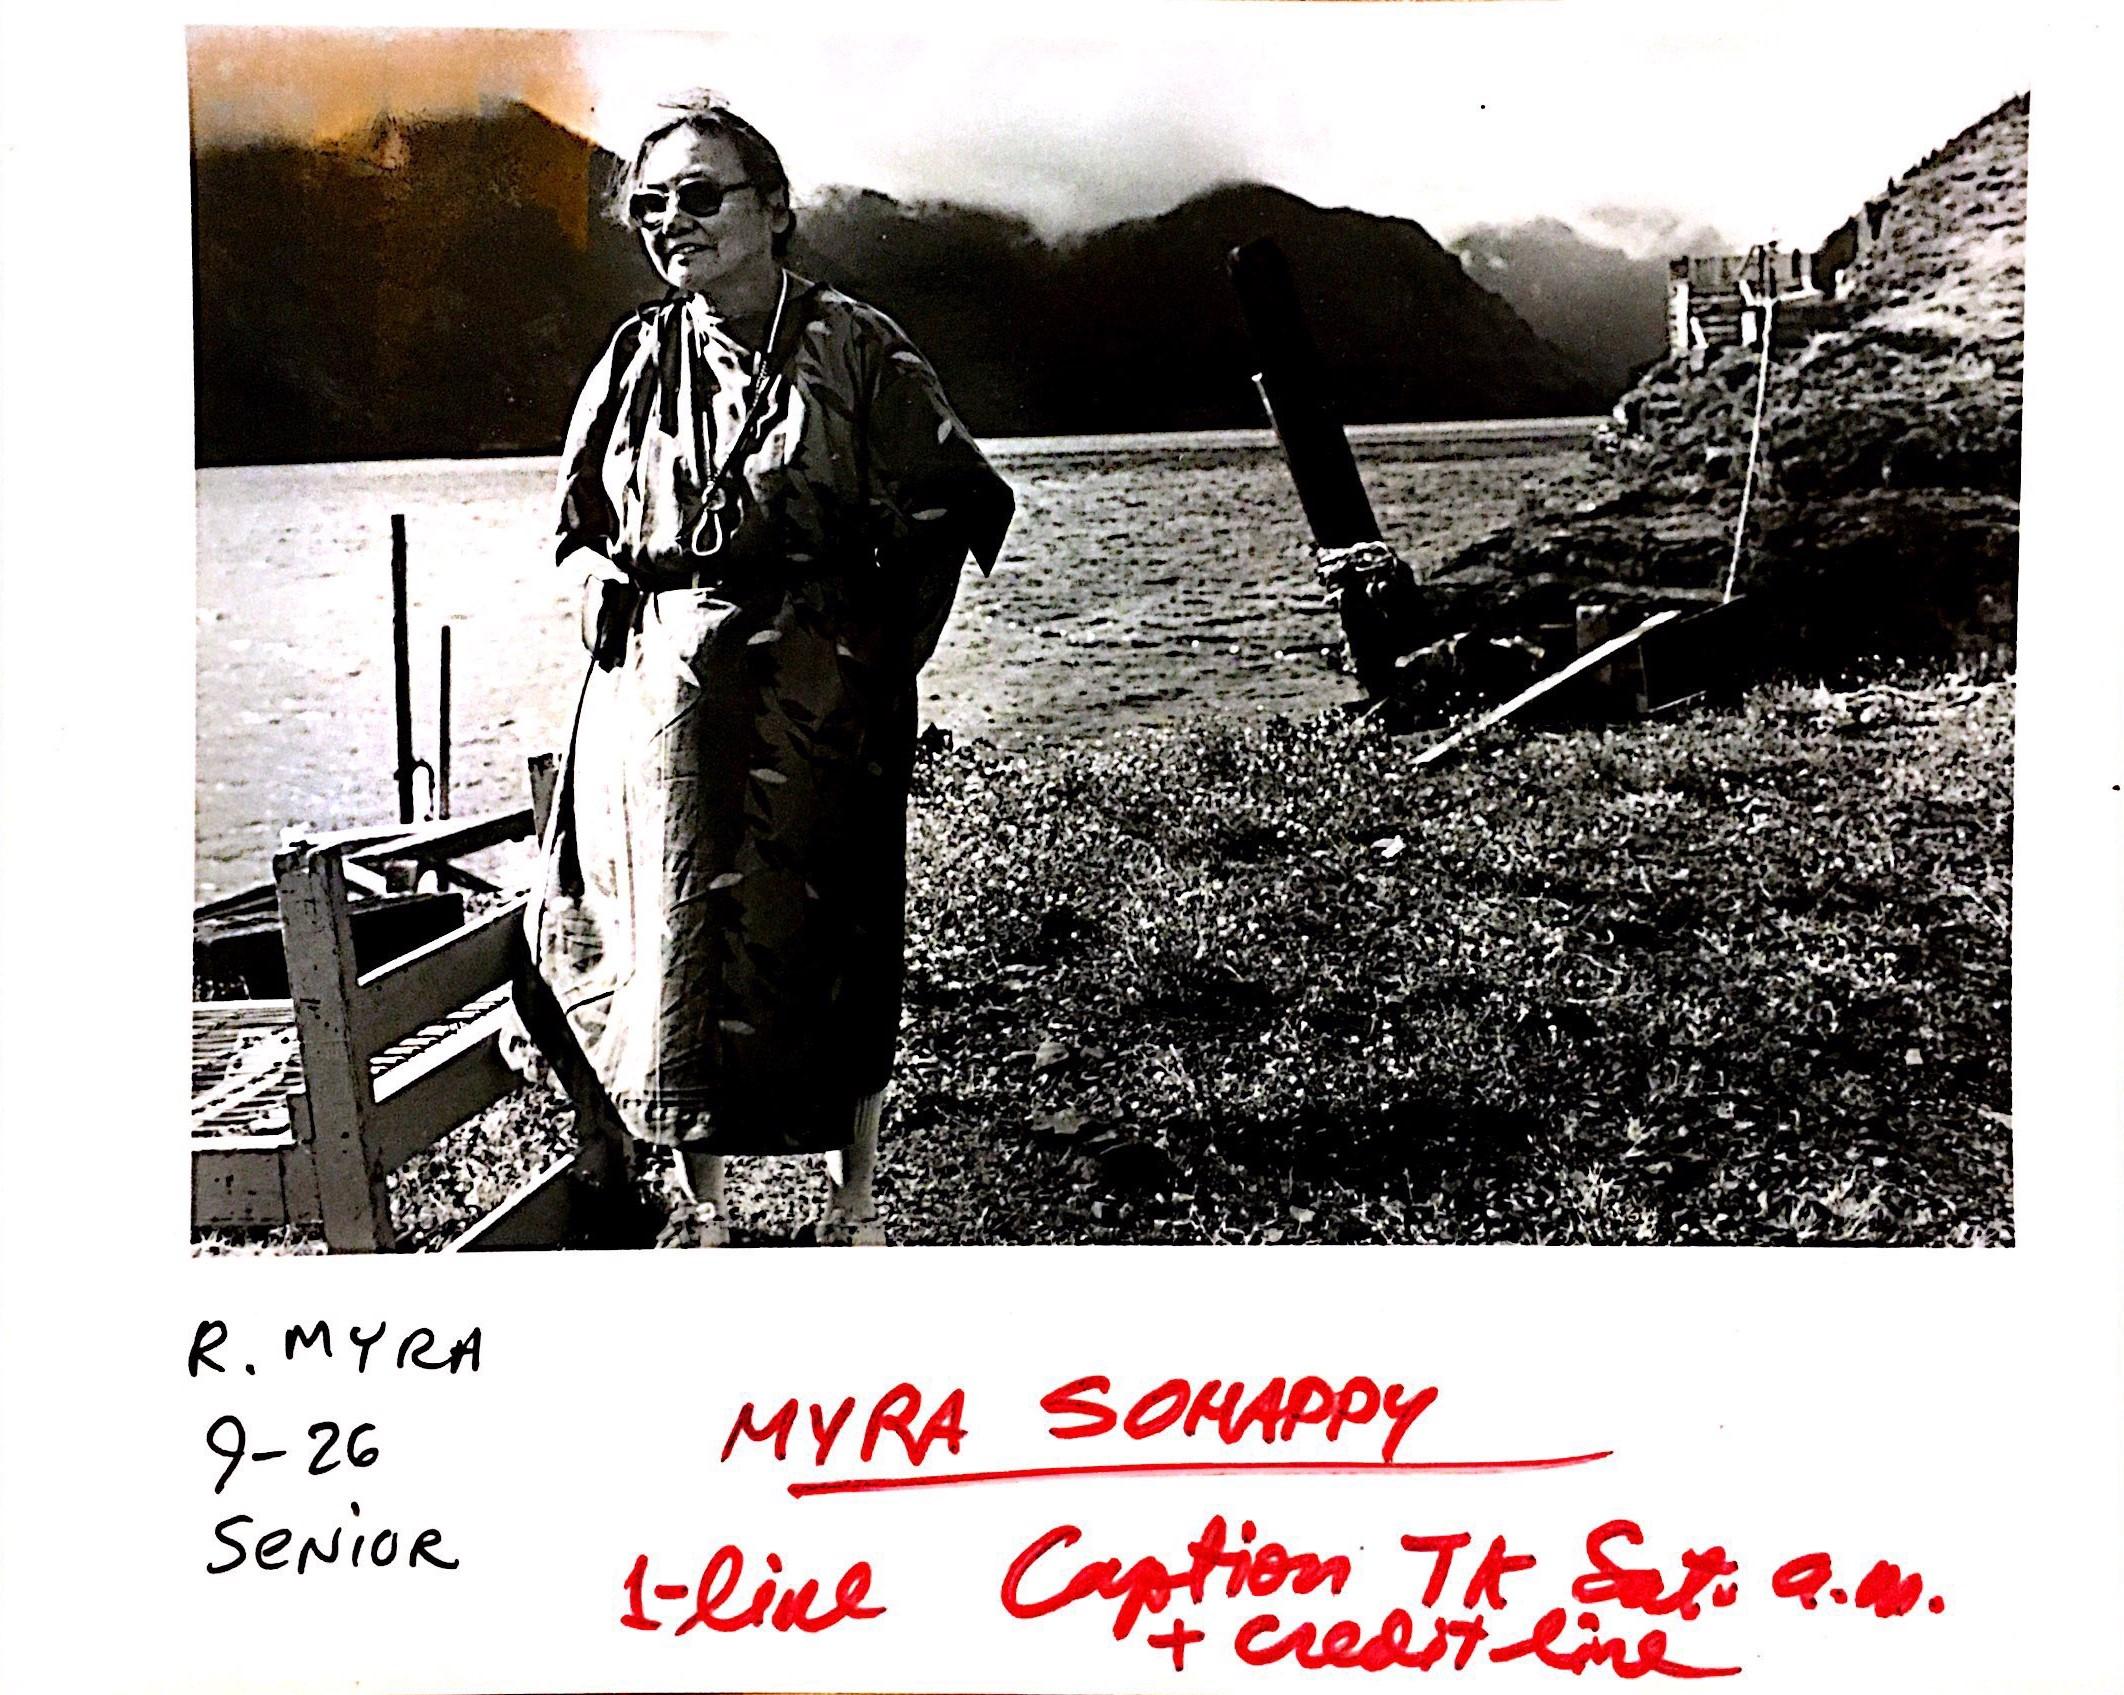 Myra Sohappy